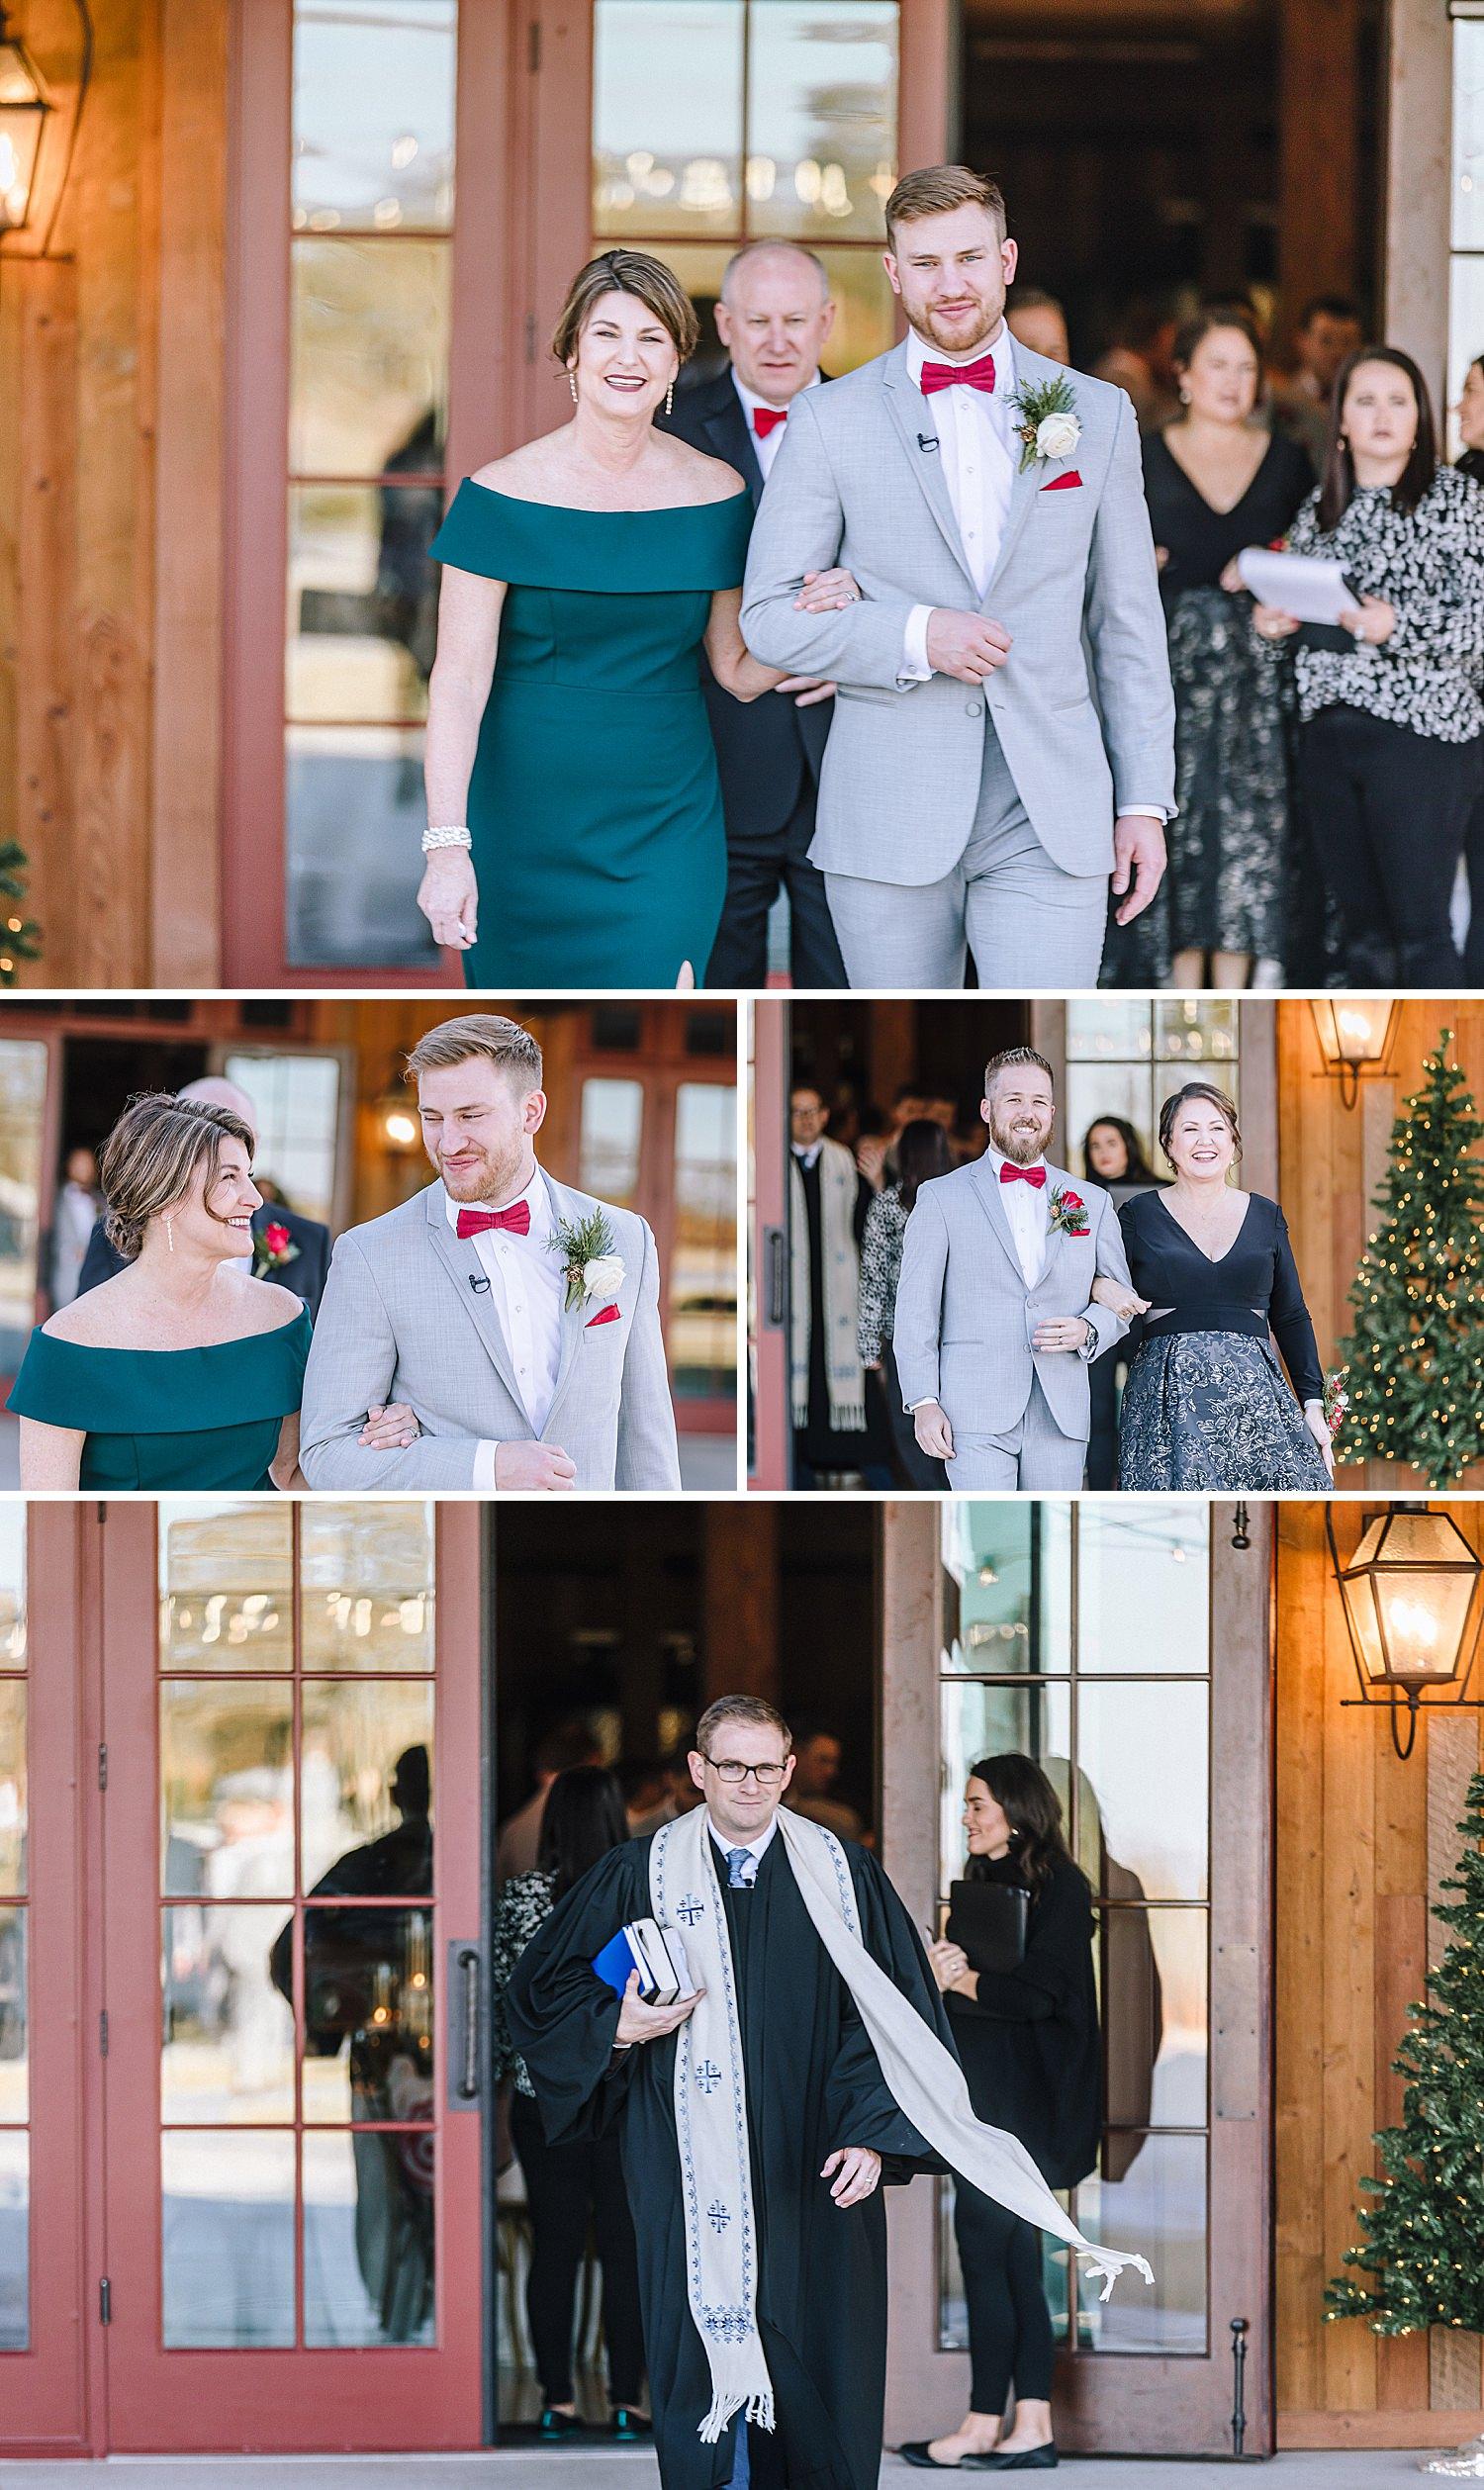 College-Station-Aggie-Wedding-The-Weinberg-at-Wixon-Valley-Christmas-Hallmark-Wedding_0045.jpg